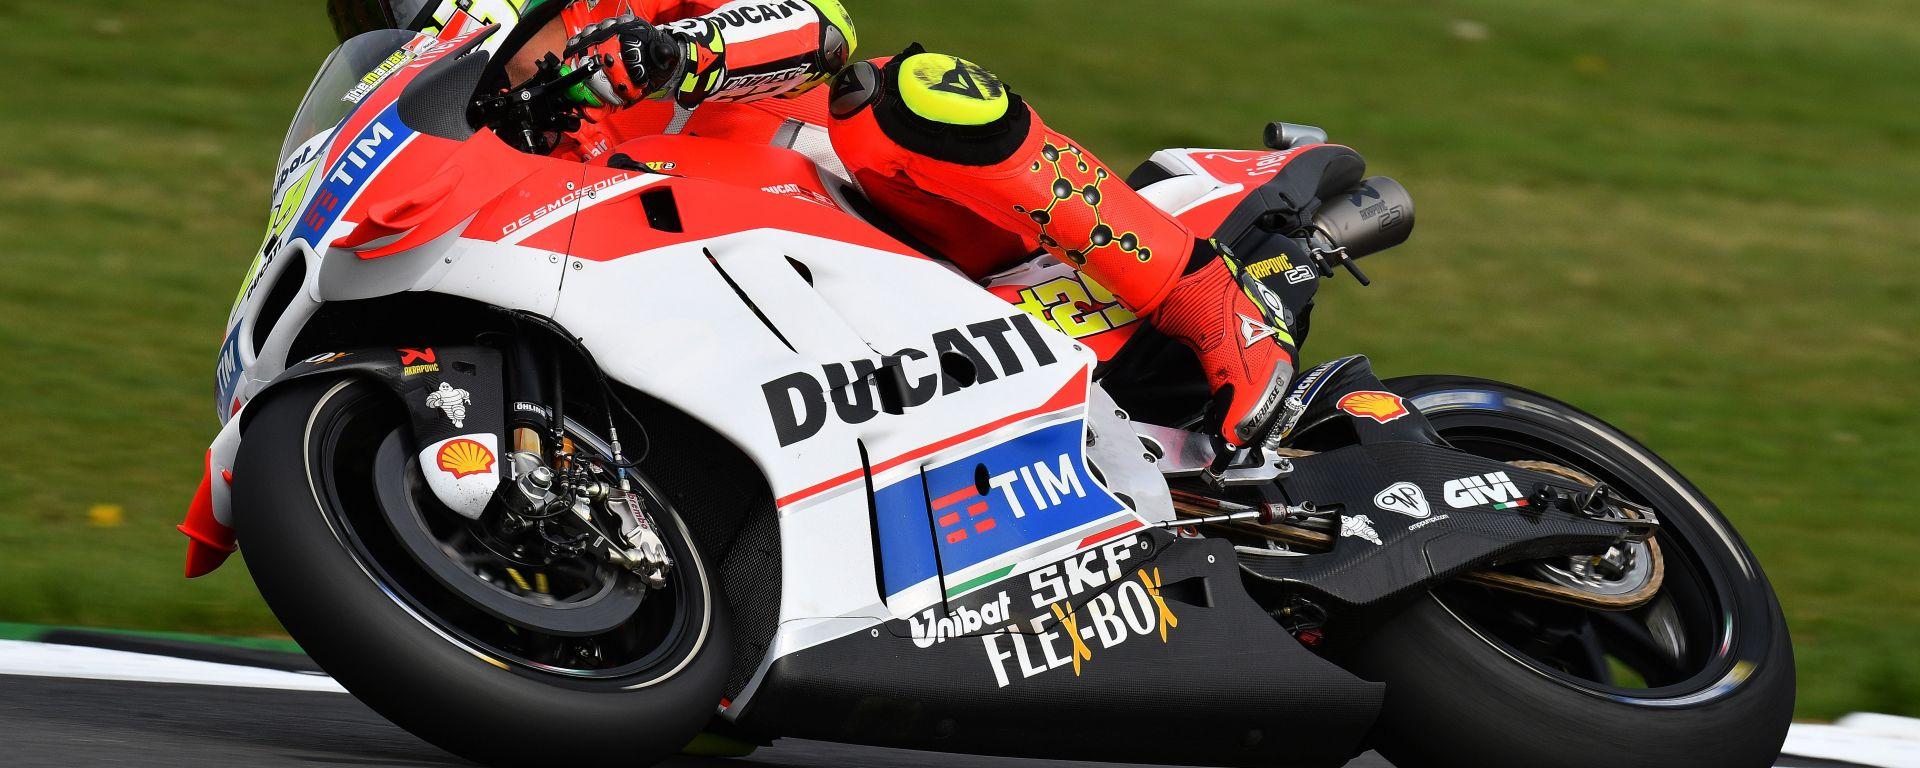 MotoGP Misano 2016: E' ufficiale, Andrea Iannone non scenderà in pista